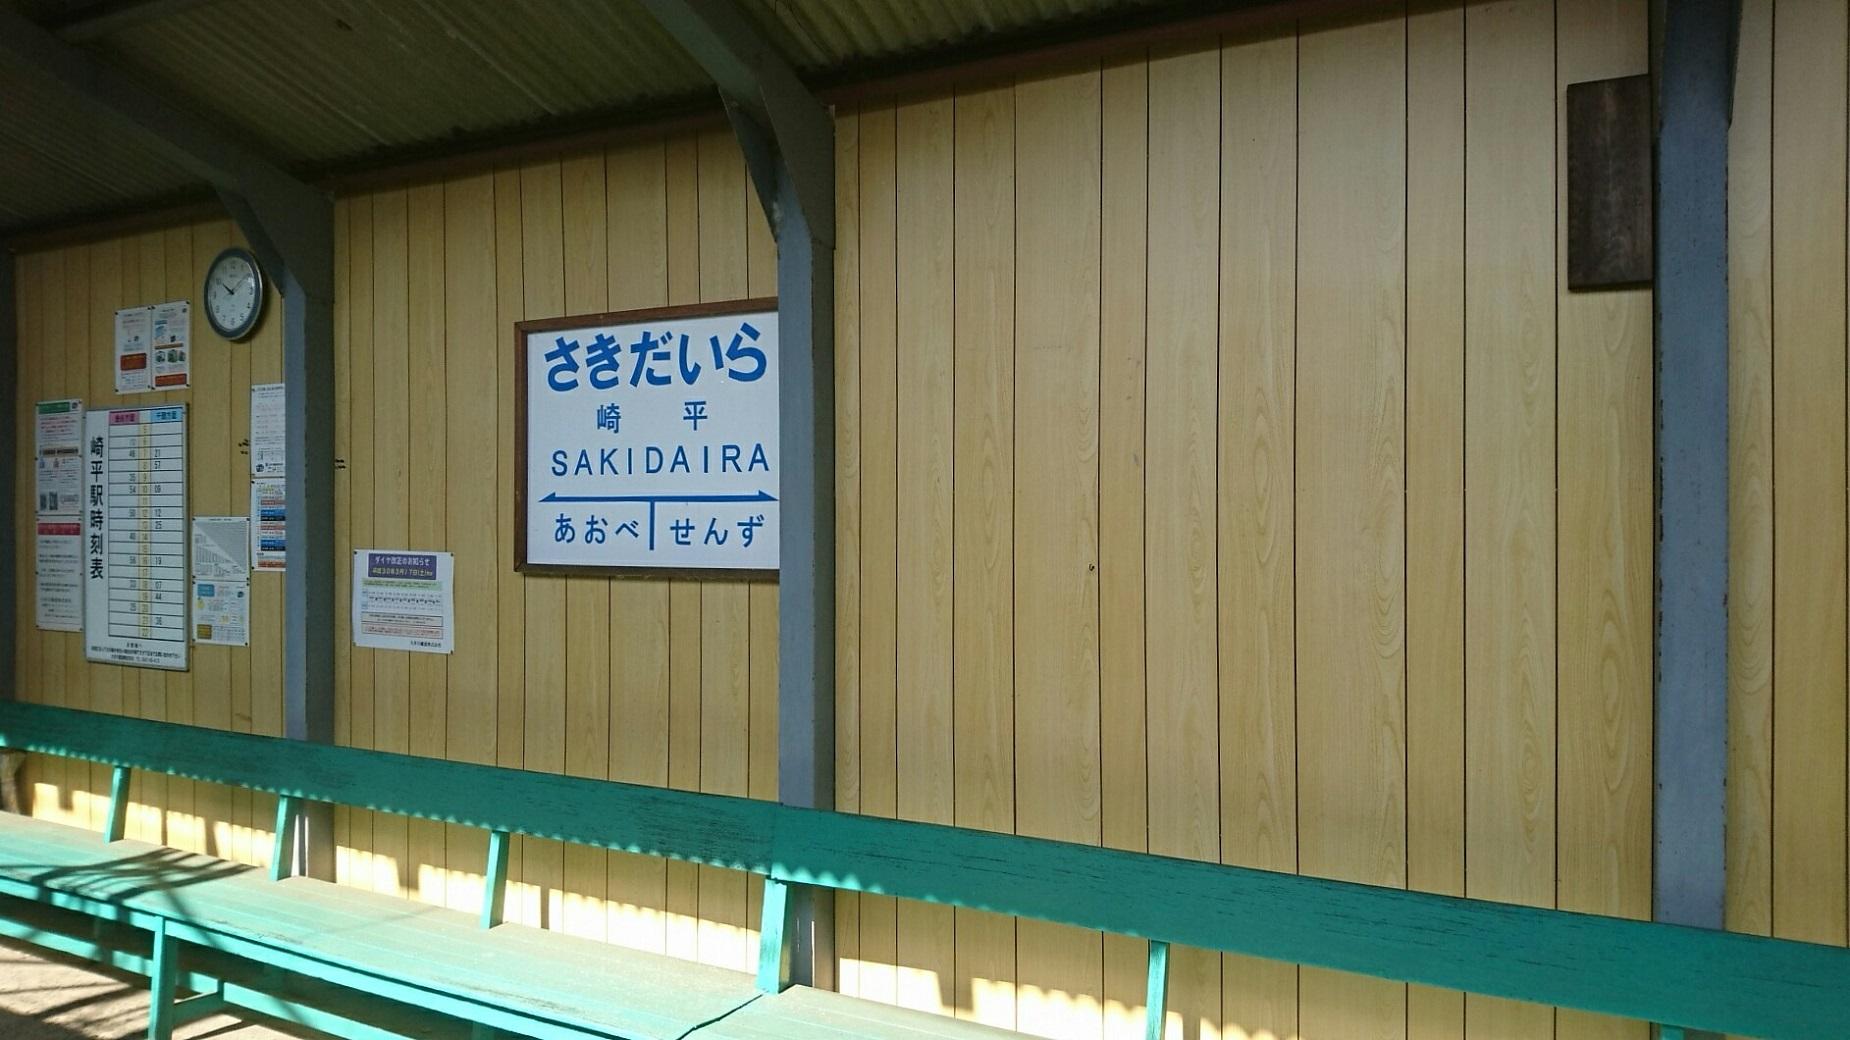 2018.3.28 大井川本線 (54) 千頭いきふつう - 崎平 1850-1040